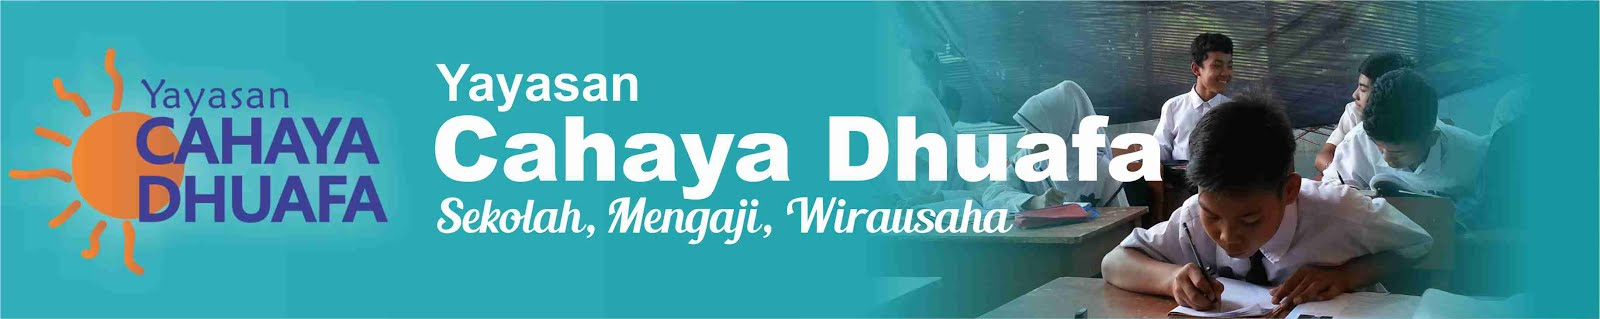 Yayasan Cahaya Dhuafa